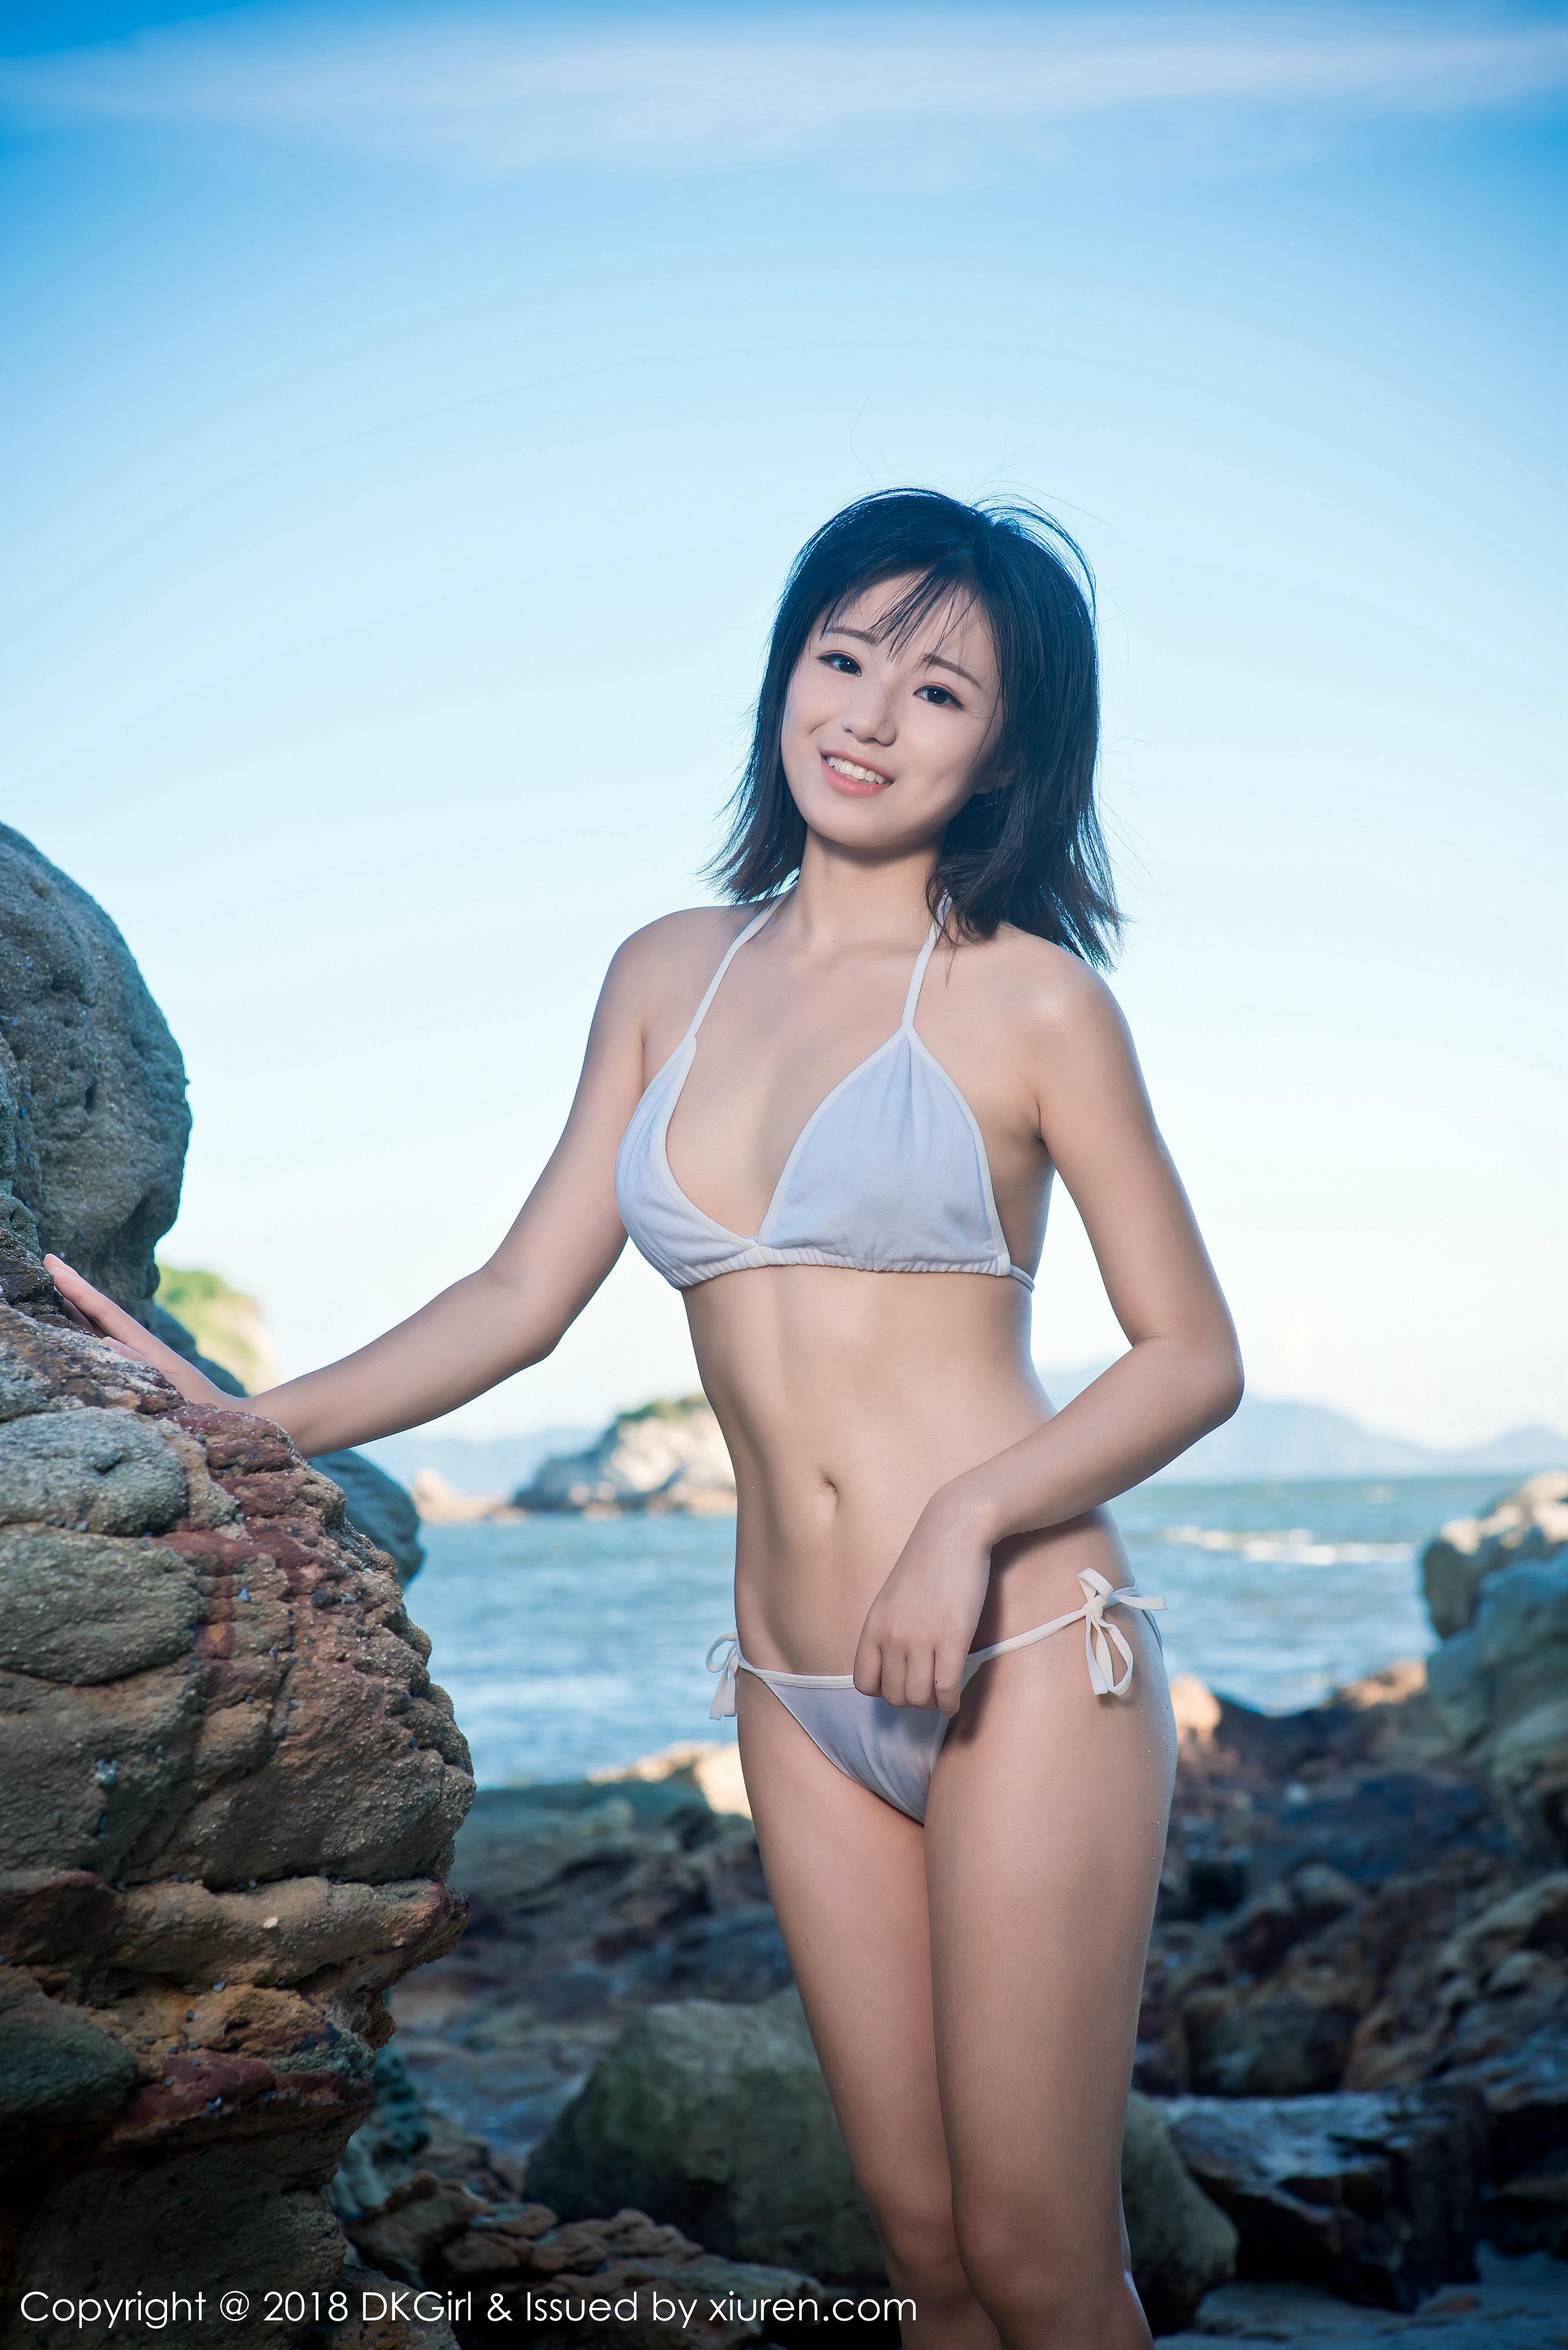 [DKGirl御女郎]DK20180212VOL0058 苍井优香 性感比基尼泳装大尺度私房写真集